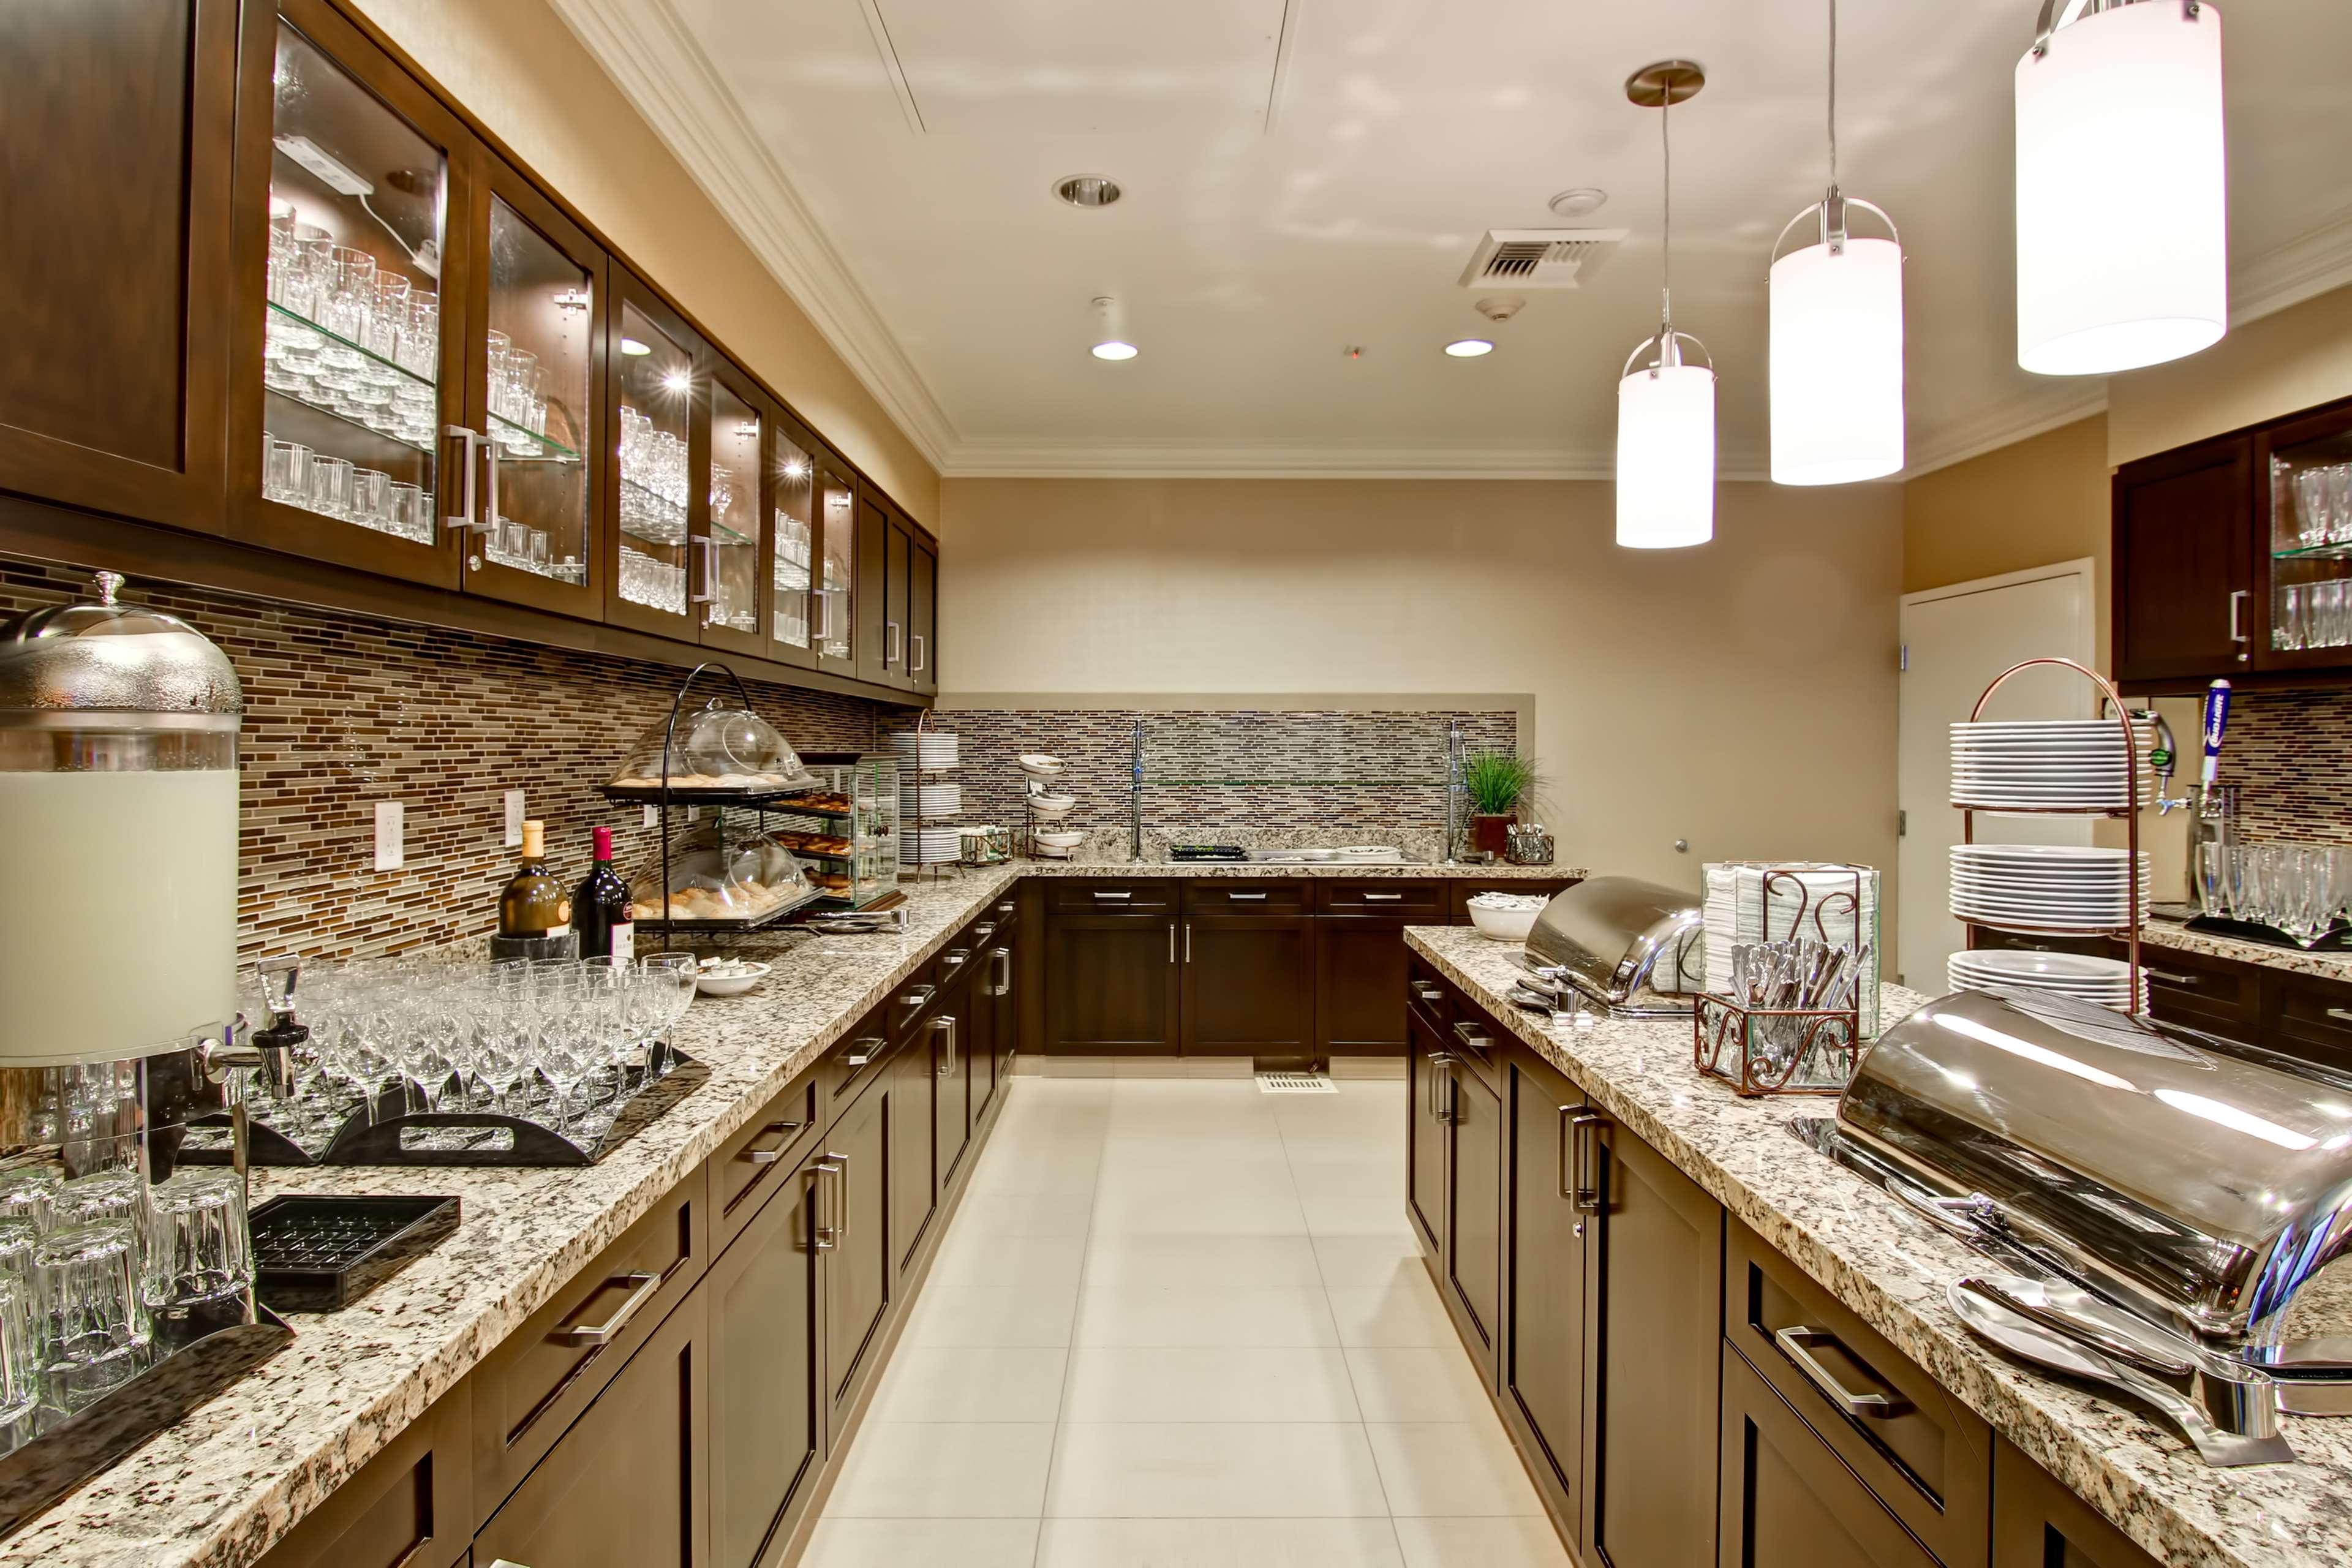 Homewood Suites by Hilton Palo Alto image 18